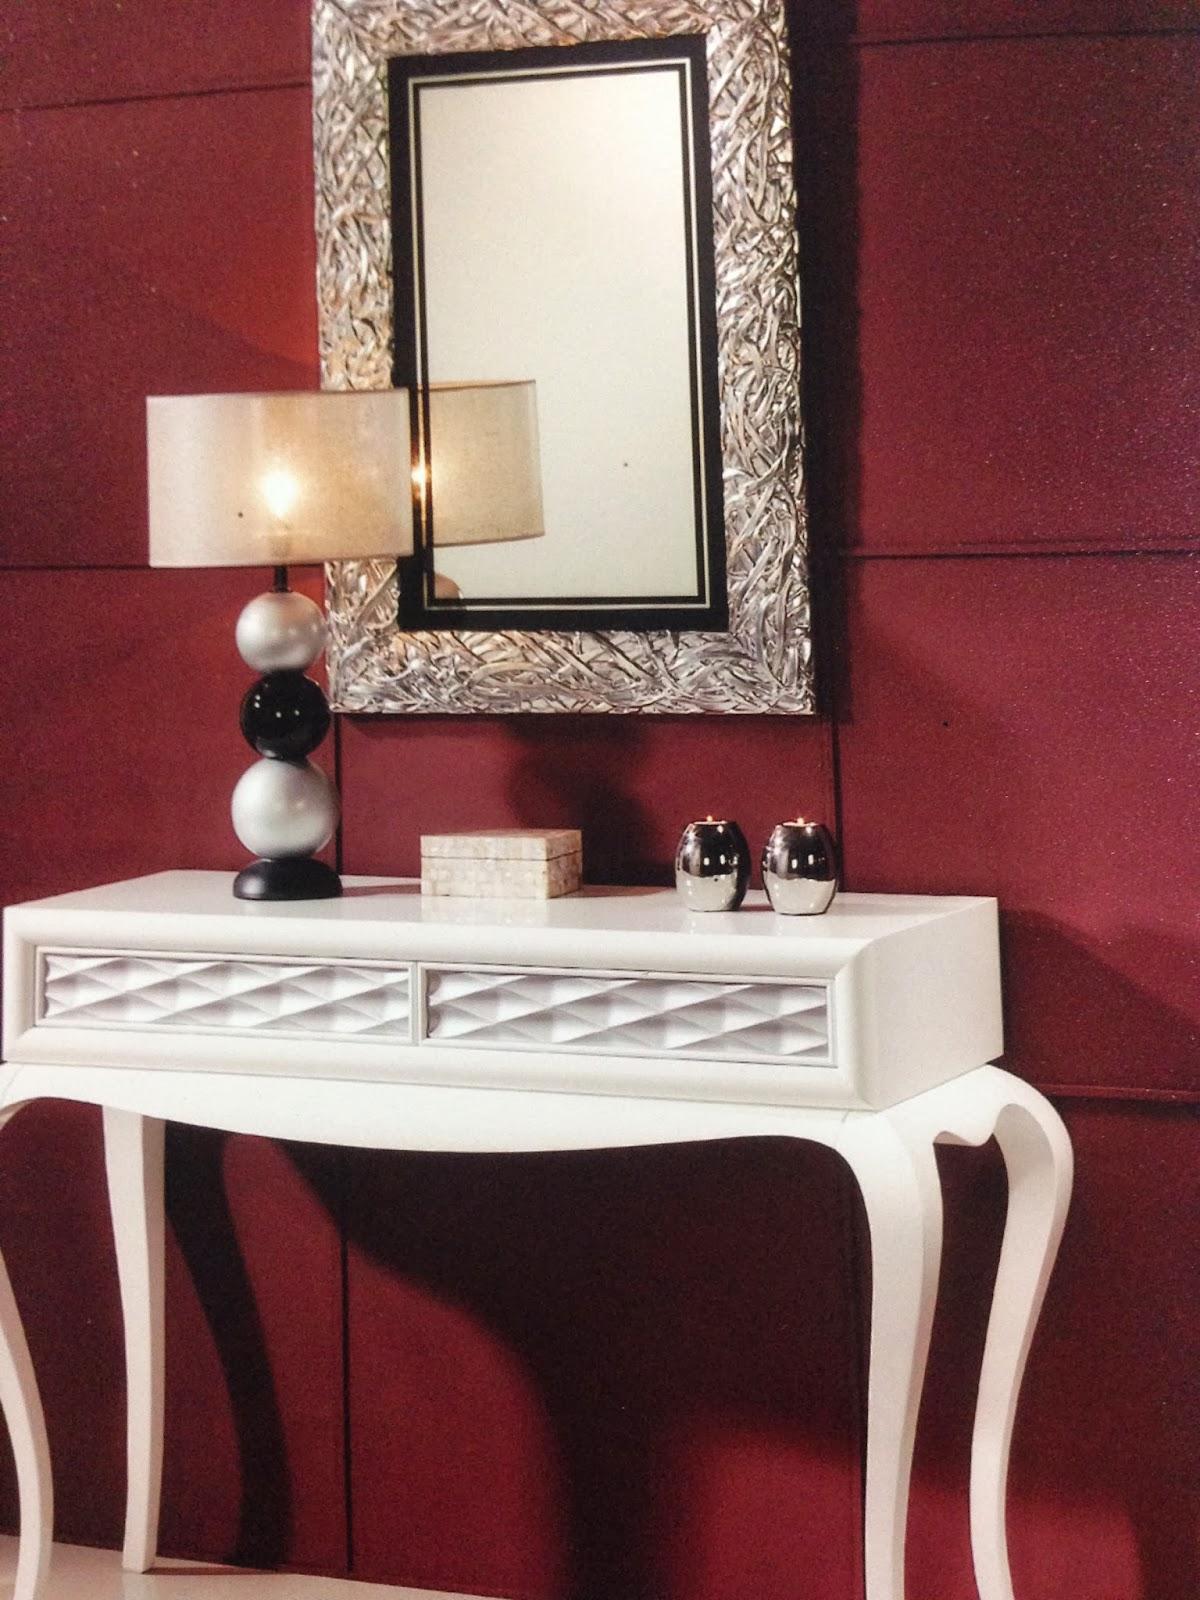 Muebles a medida y decoraci n a coru a muebles de entrada - Muebles de entrada blancos ...